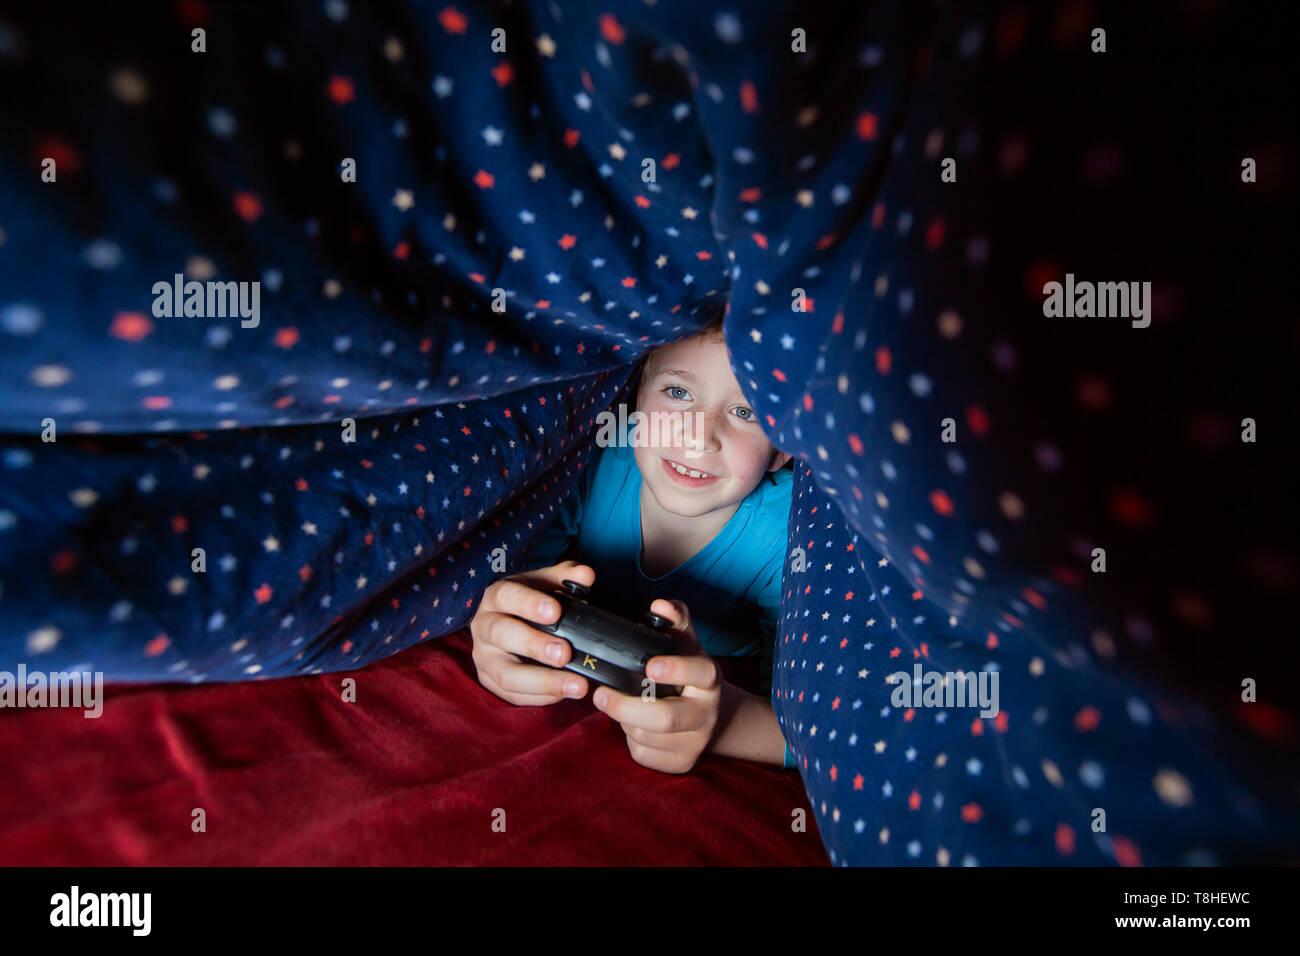 Junge, 8 Jahre, sectretly spielen, computer spiel im Bett Stockbild